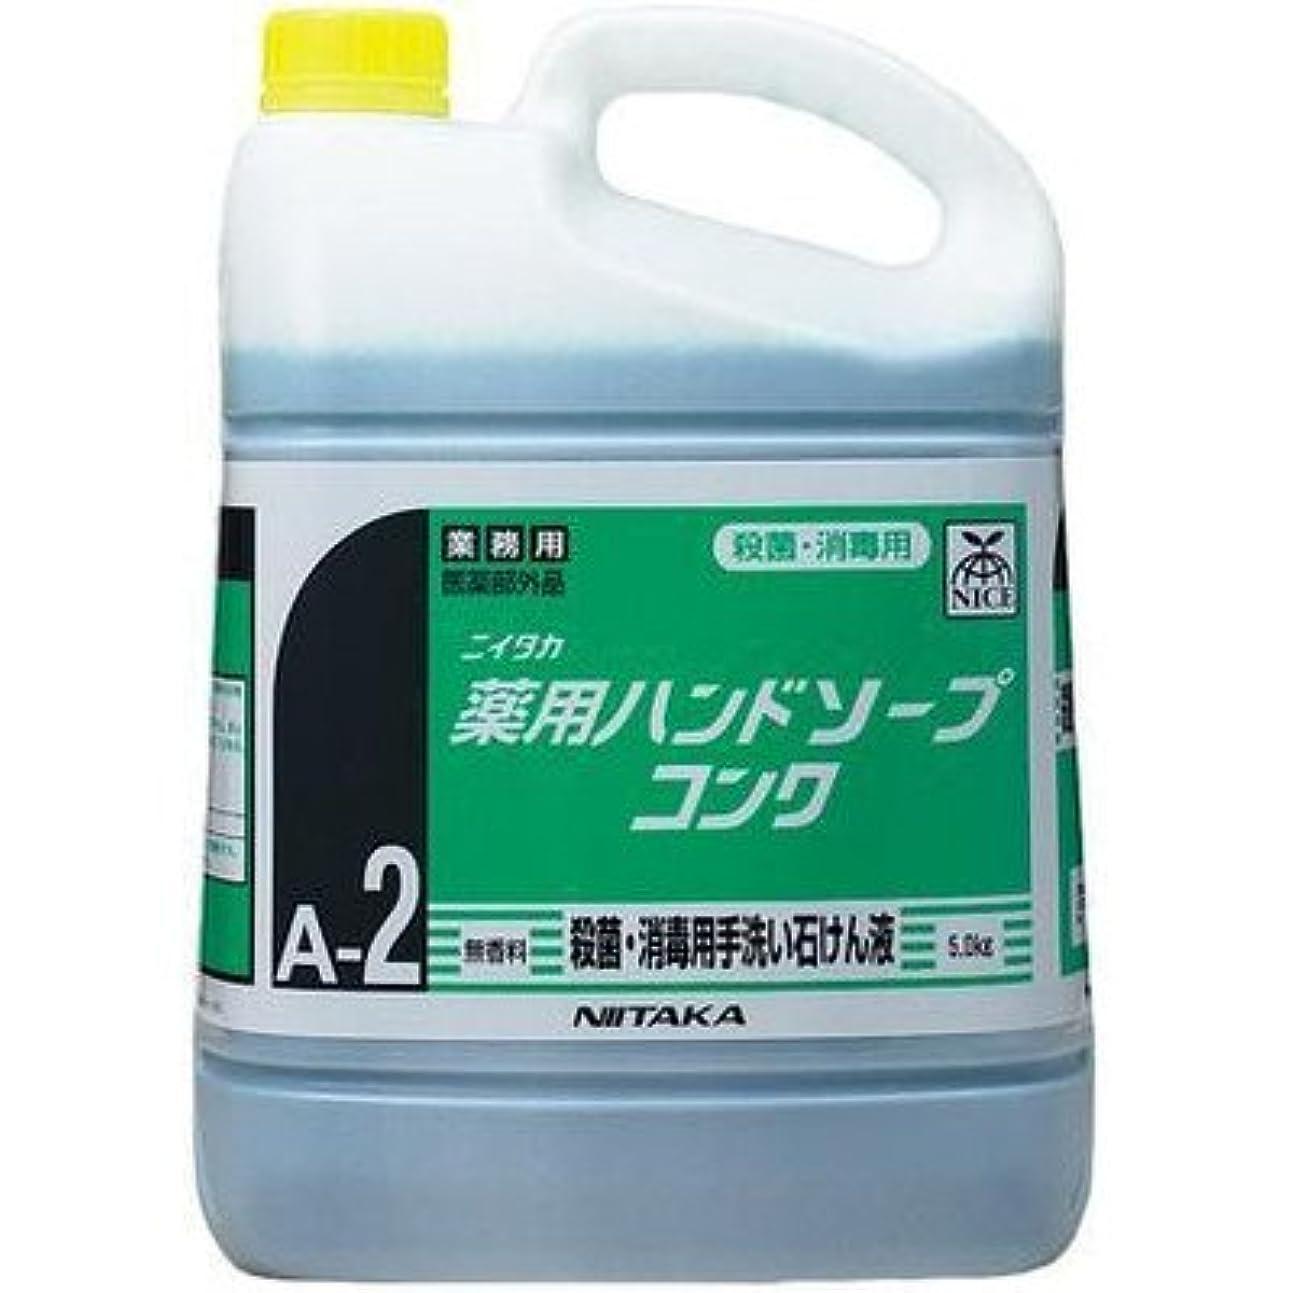 乞食気質微妙ニイタカ 業務用手洗い石けん液 薬用ハンドソープコンク(A-2) 5kg×3本